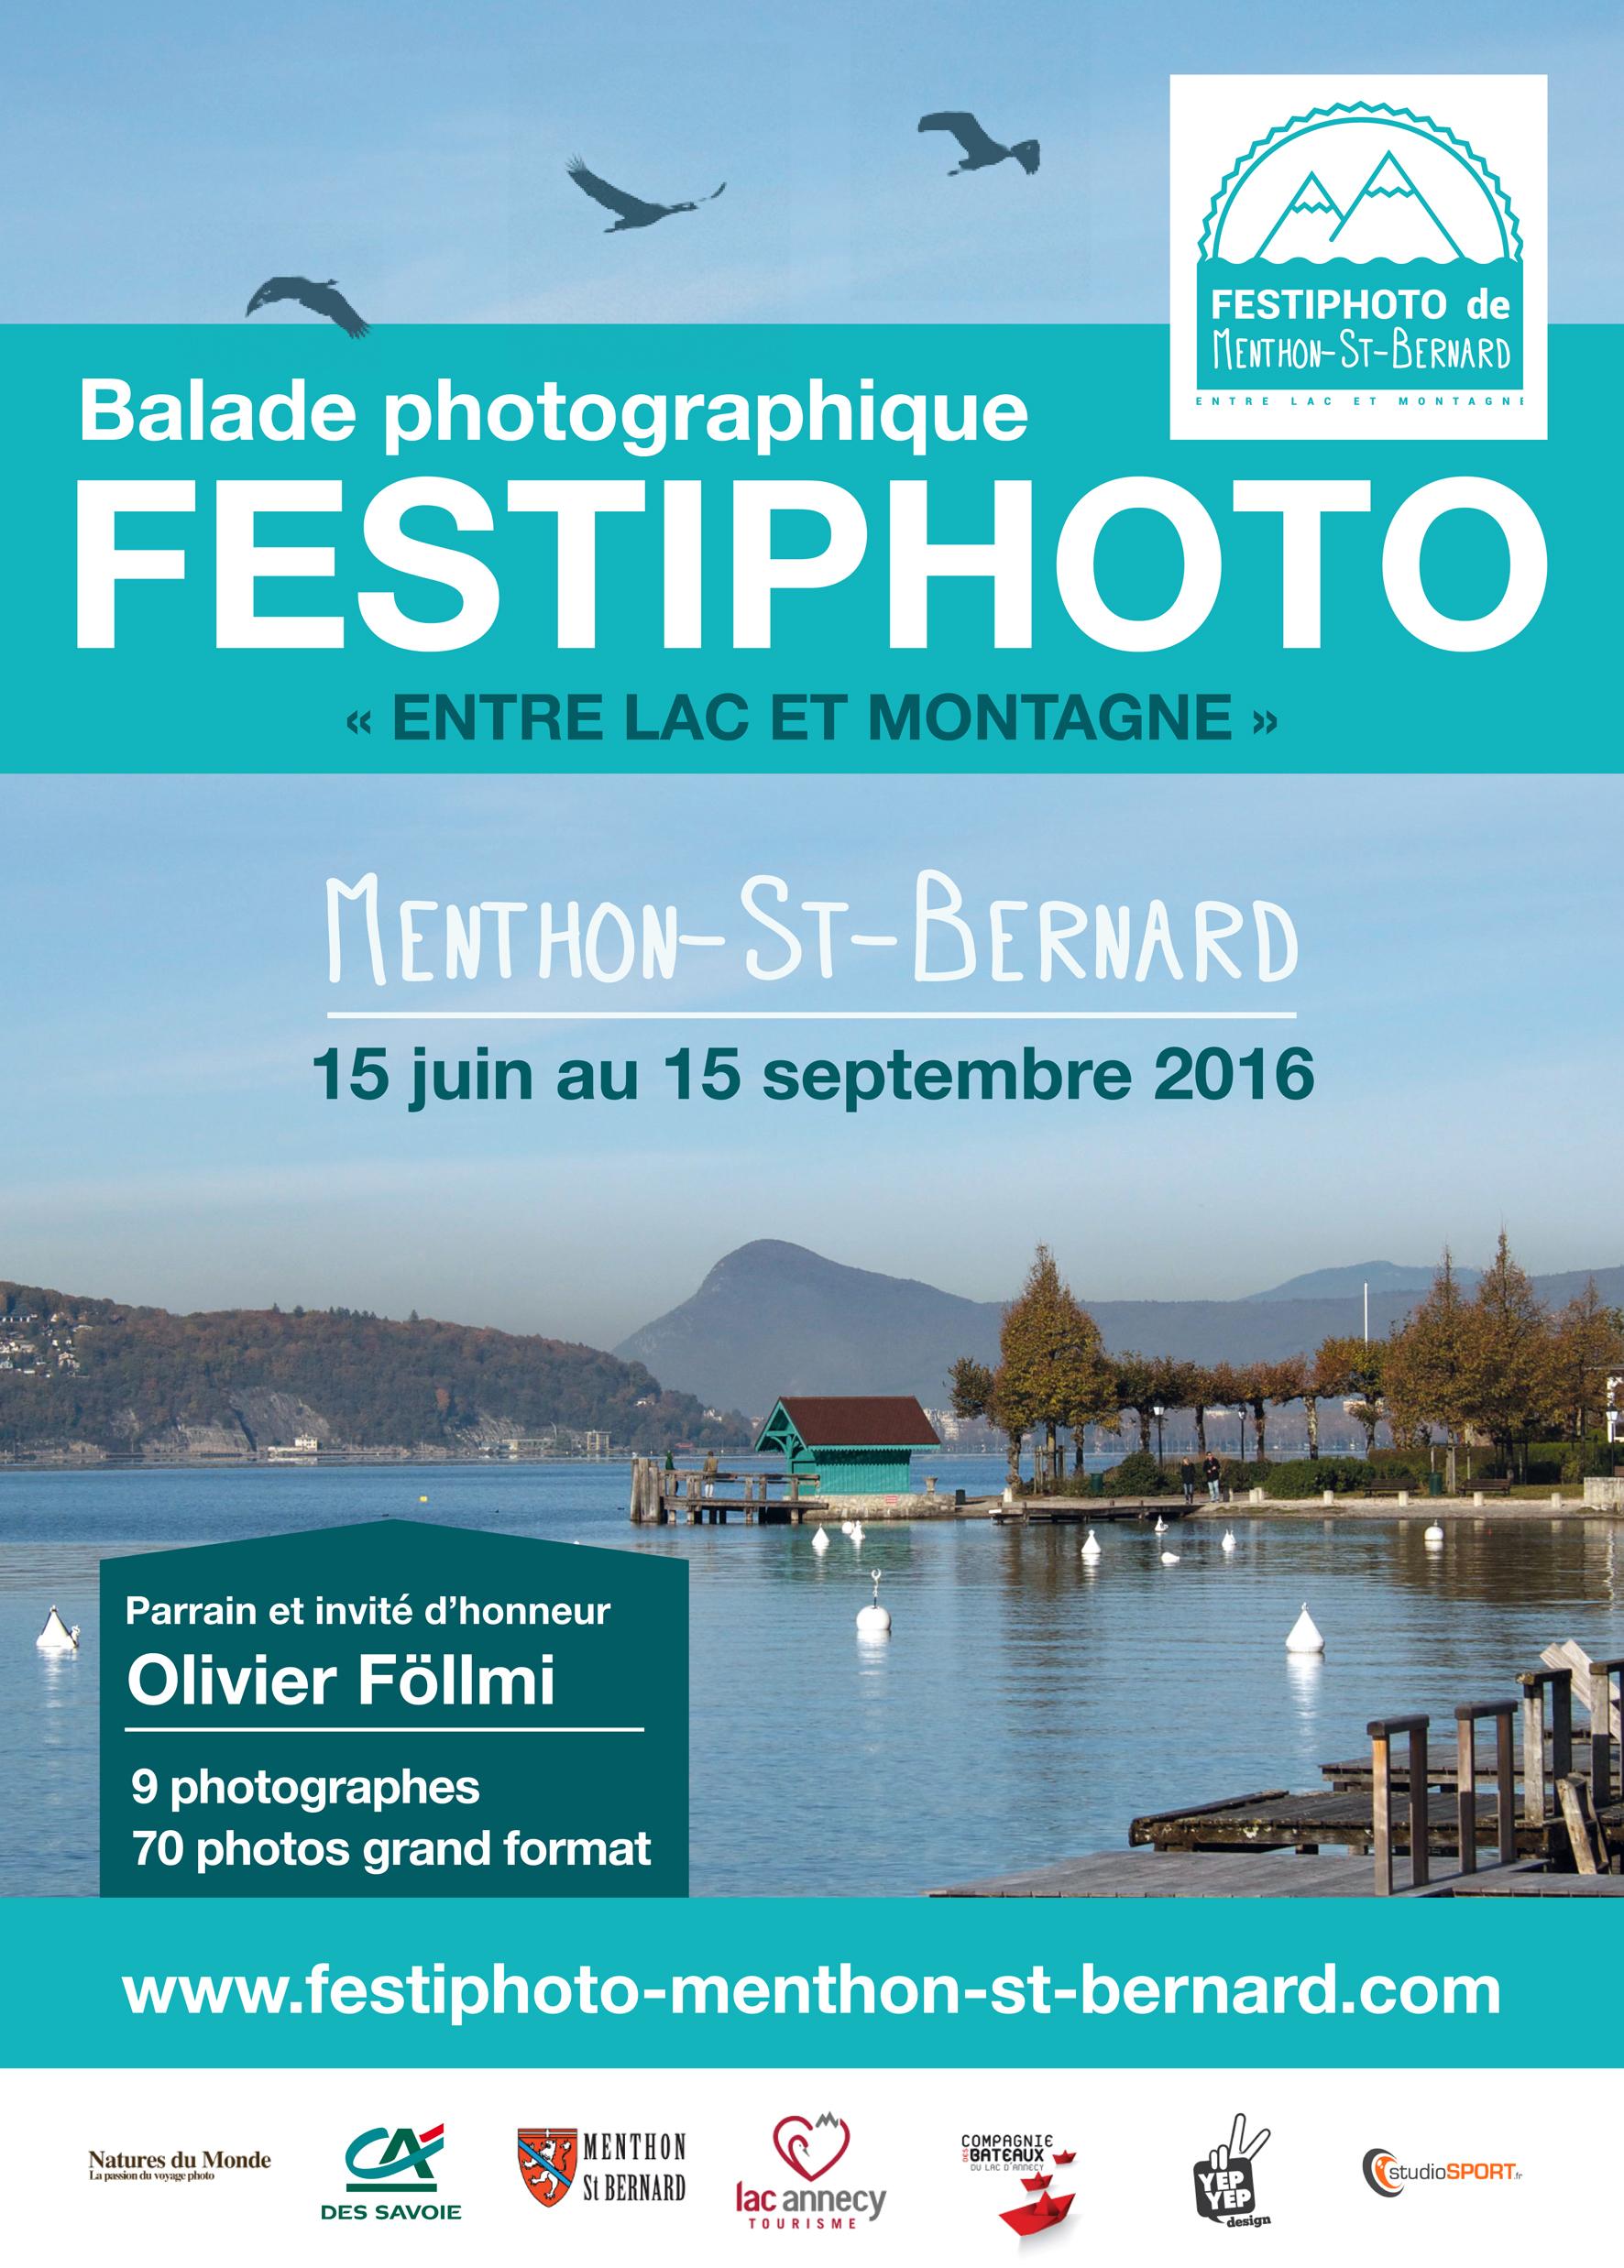 FESTIPHOTO 2016, une promenade photographique dans le cadre superbe du lac d'Annecy!